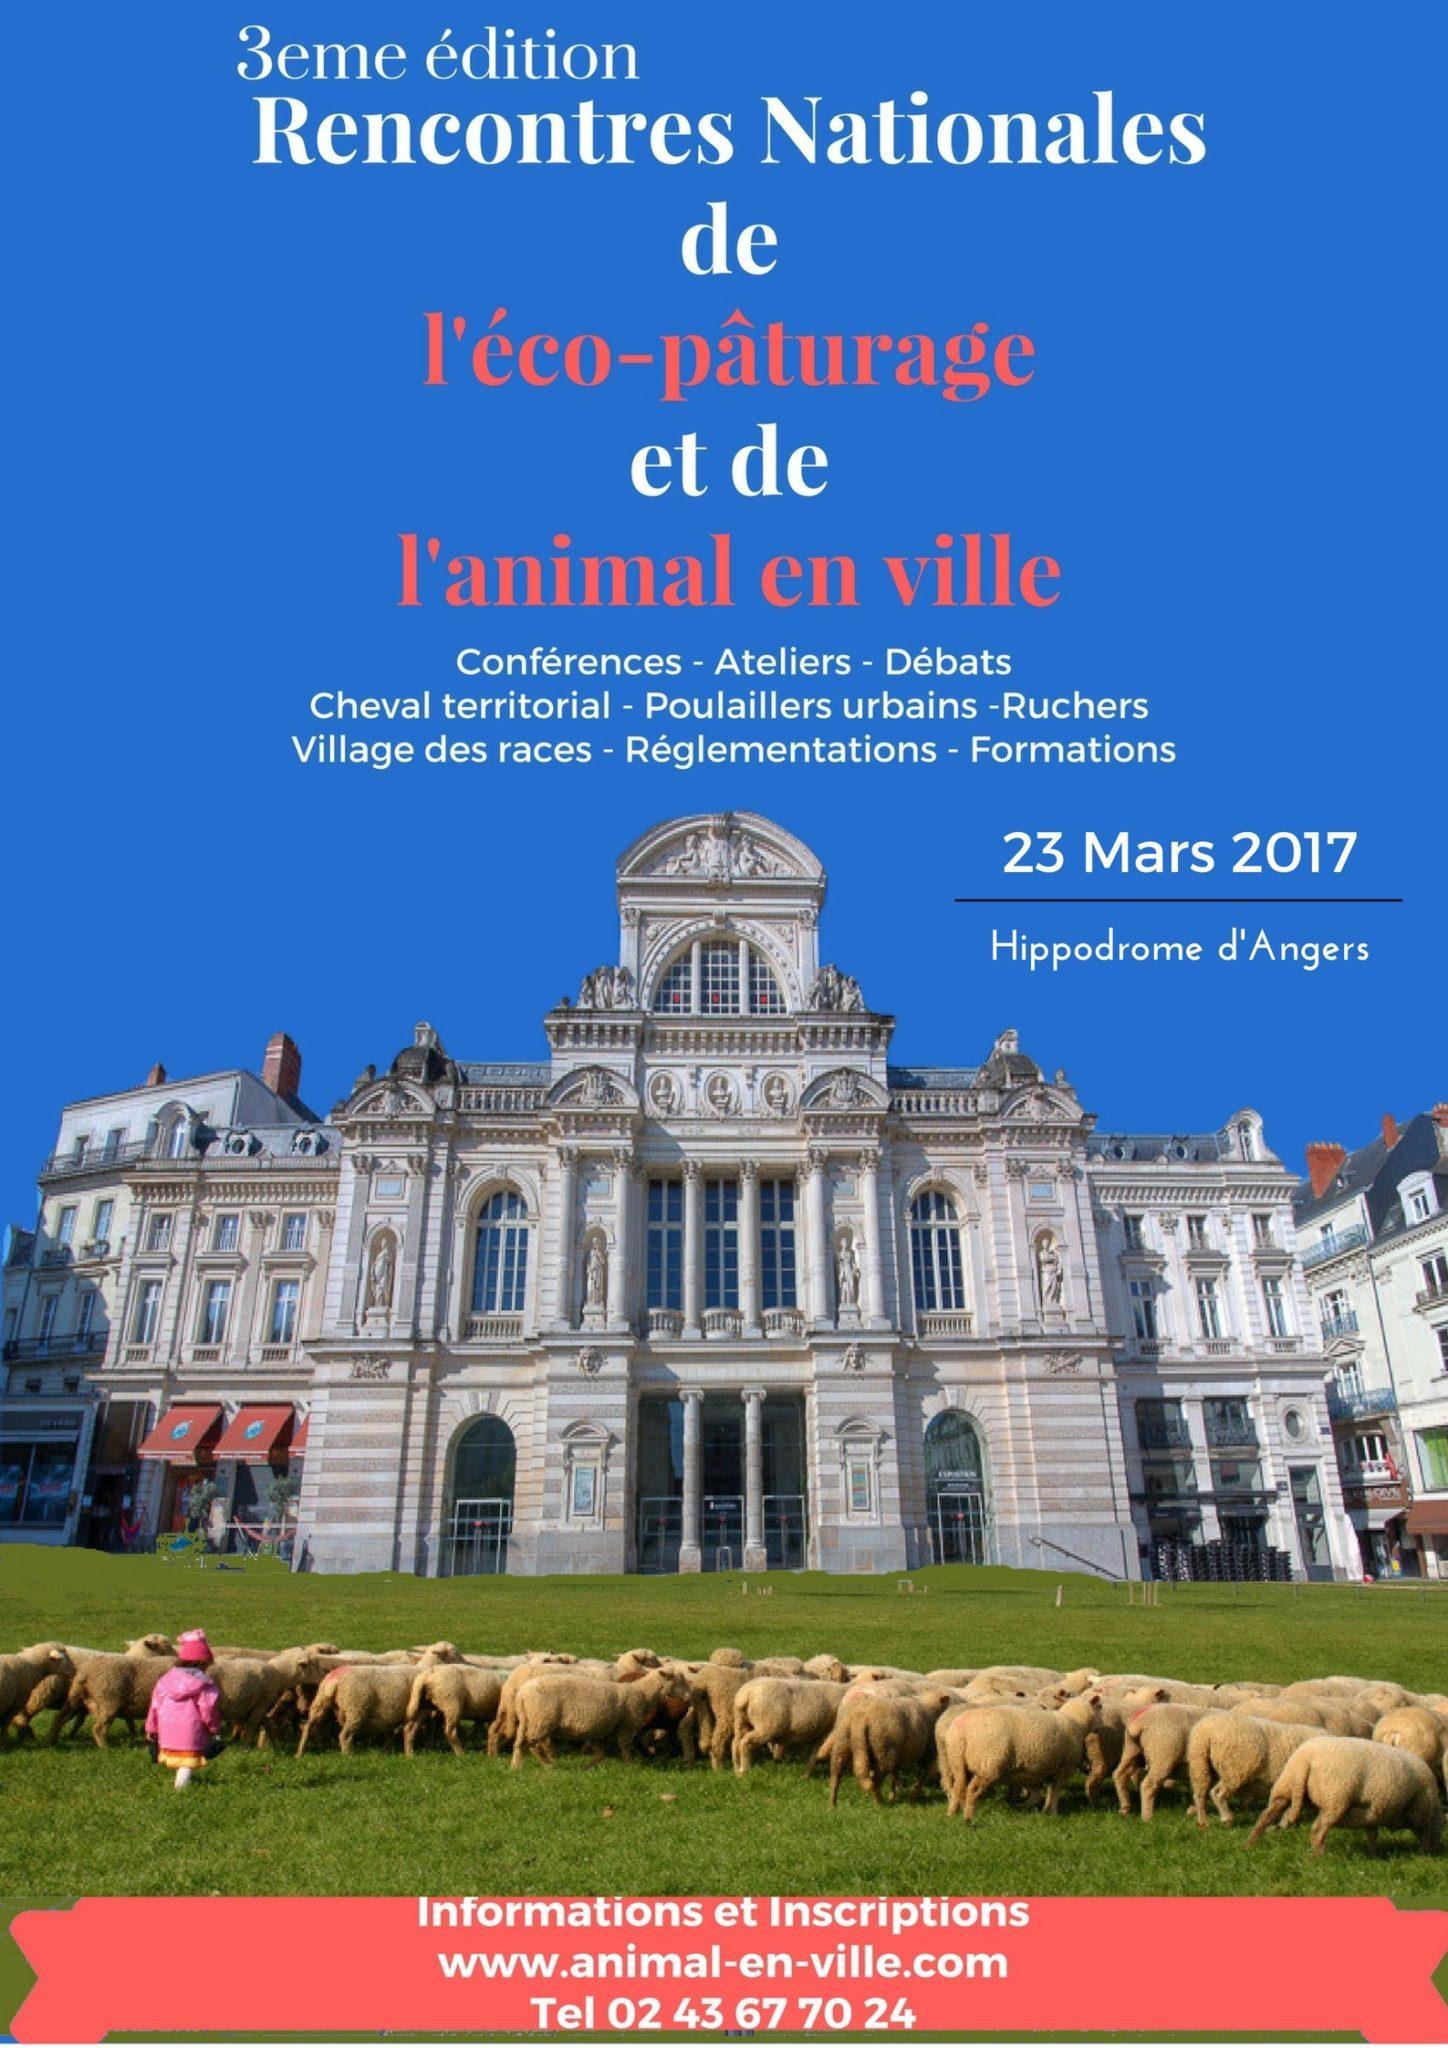 rencontres nationales de l'odas Vénissieux